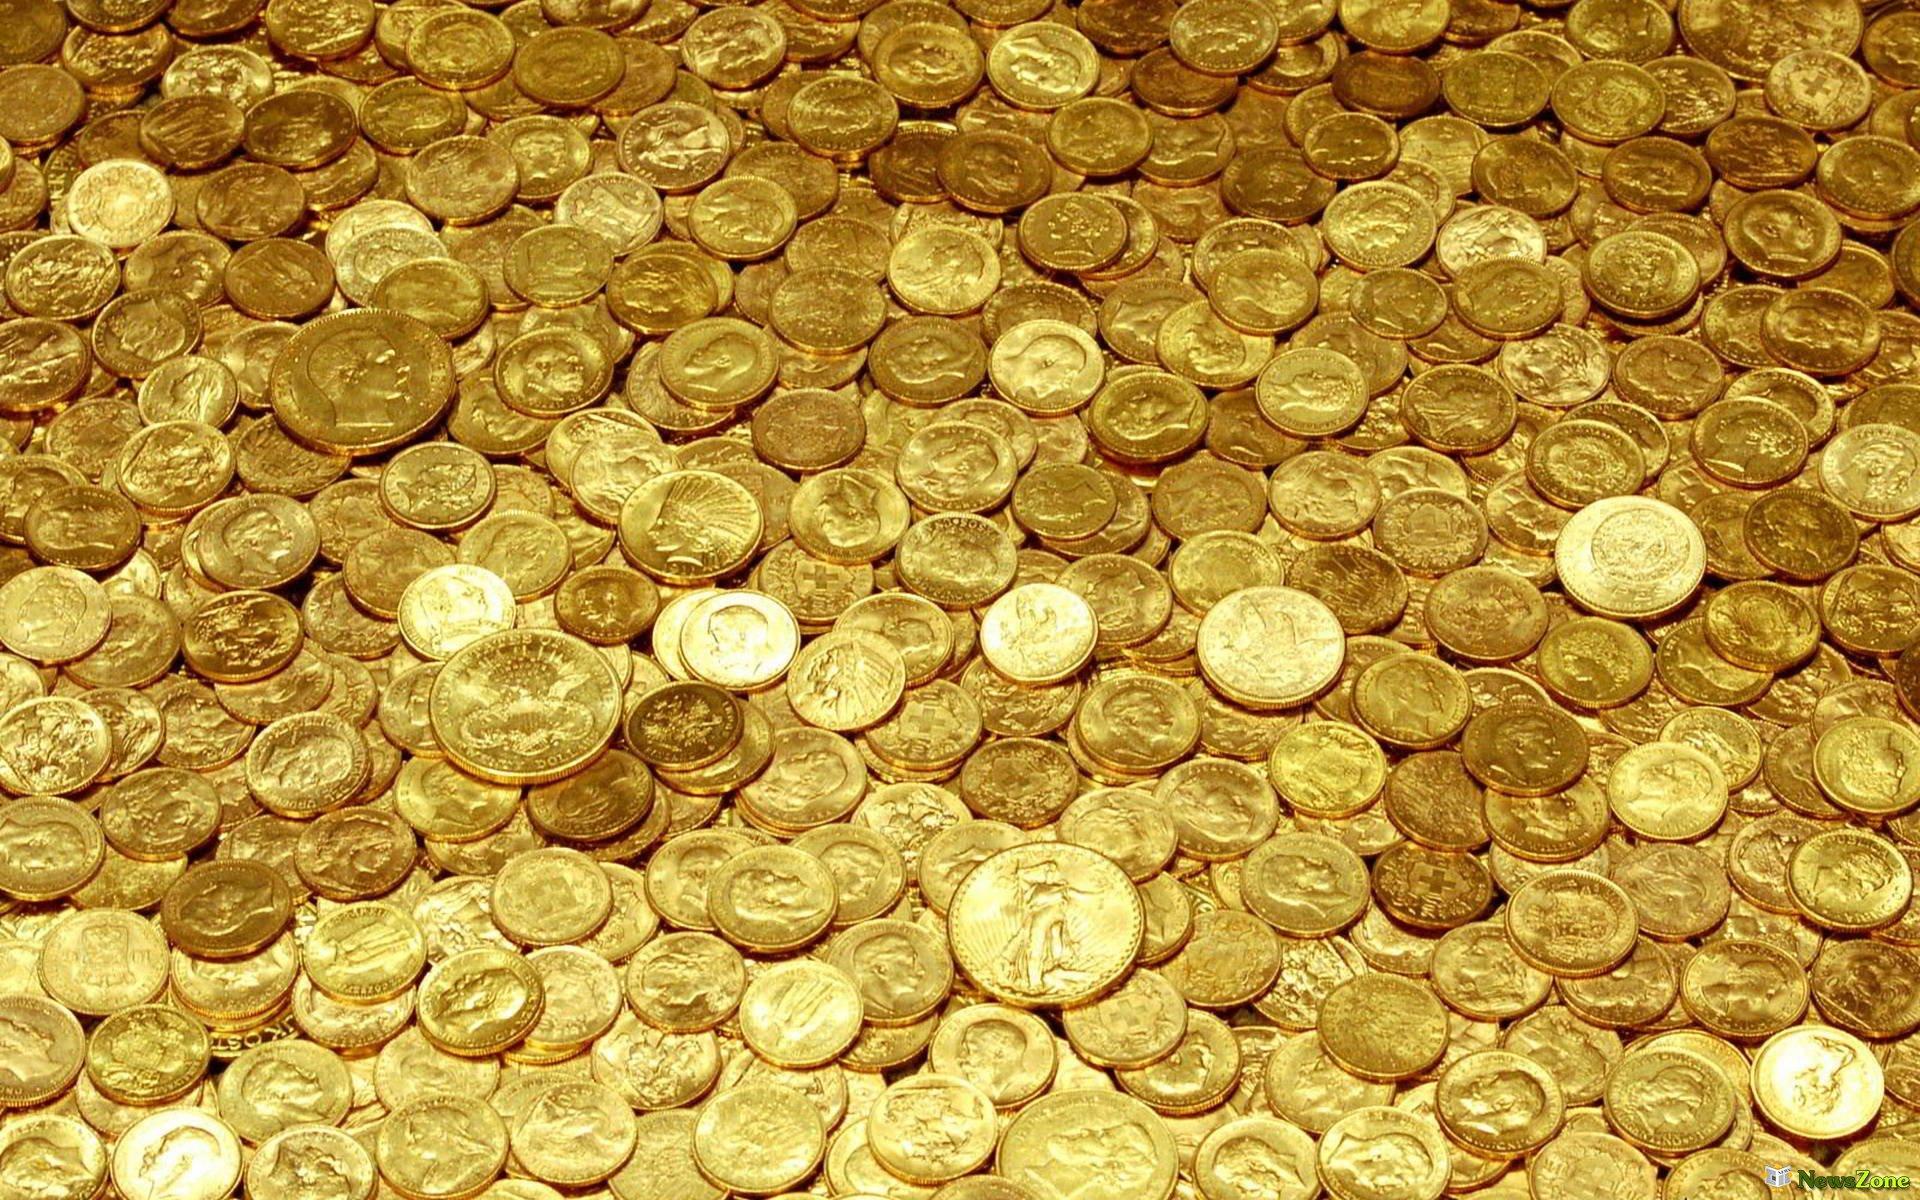 упаковка для юбилейных монет